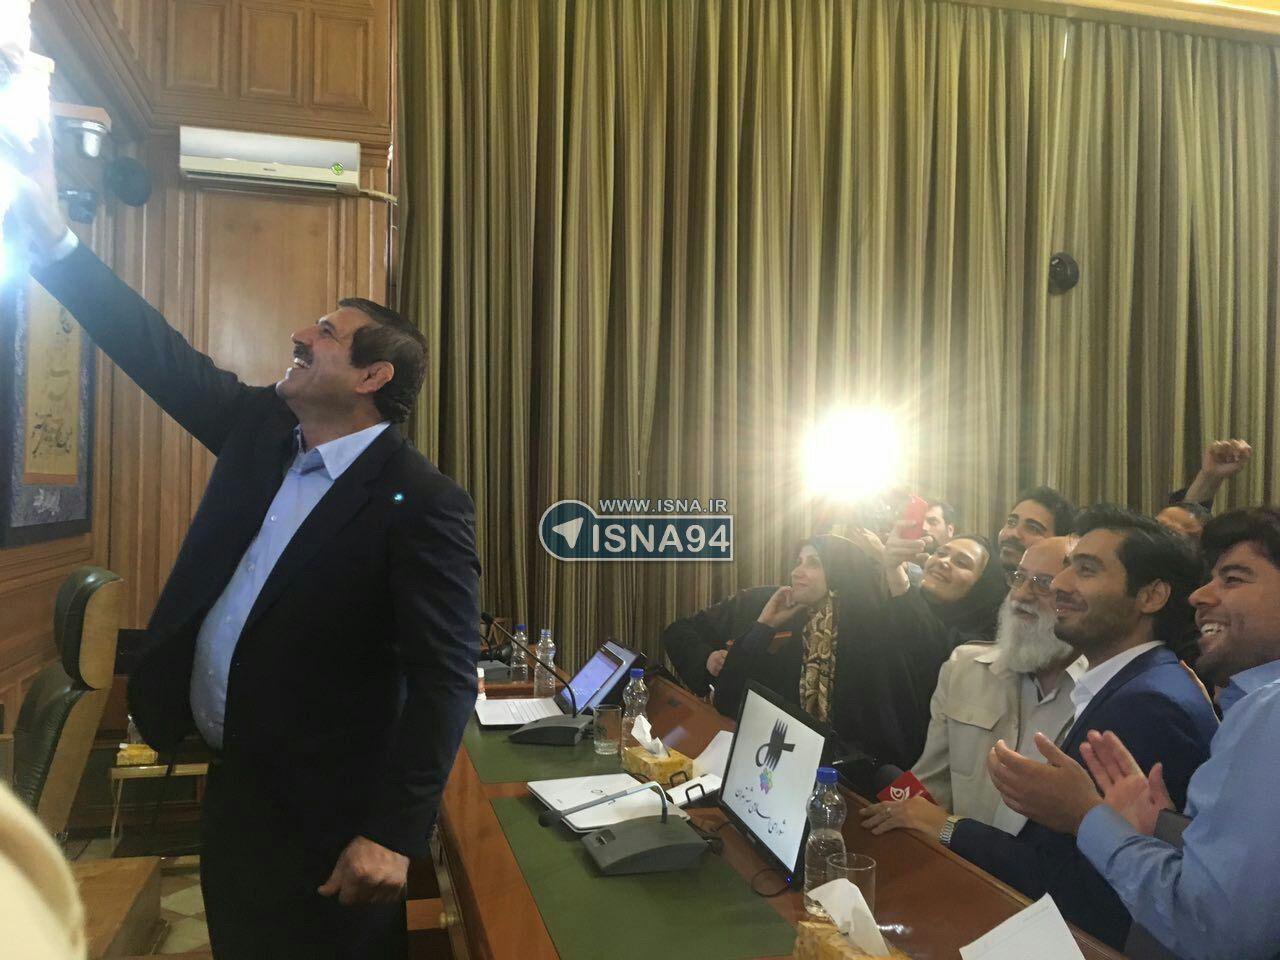 آخرین سلفی عباس جدیدی با شورای شهر چهارم (عکس)